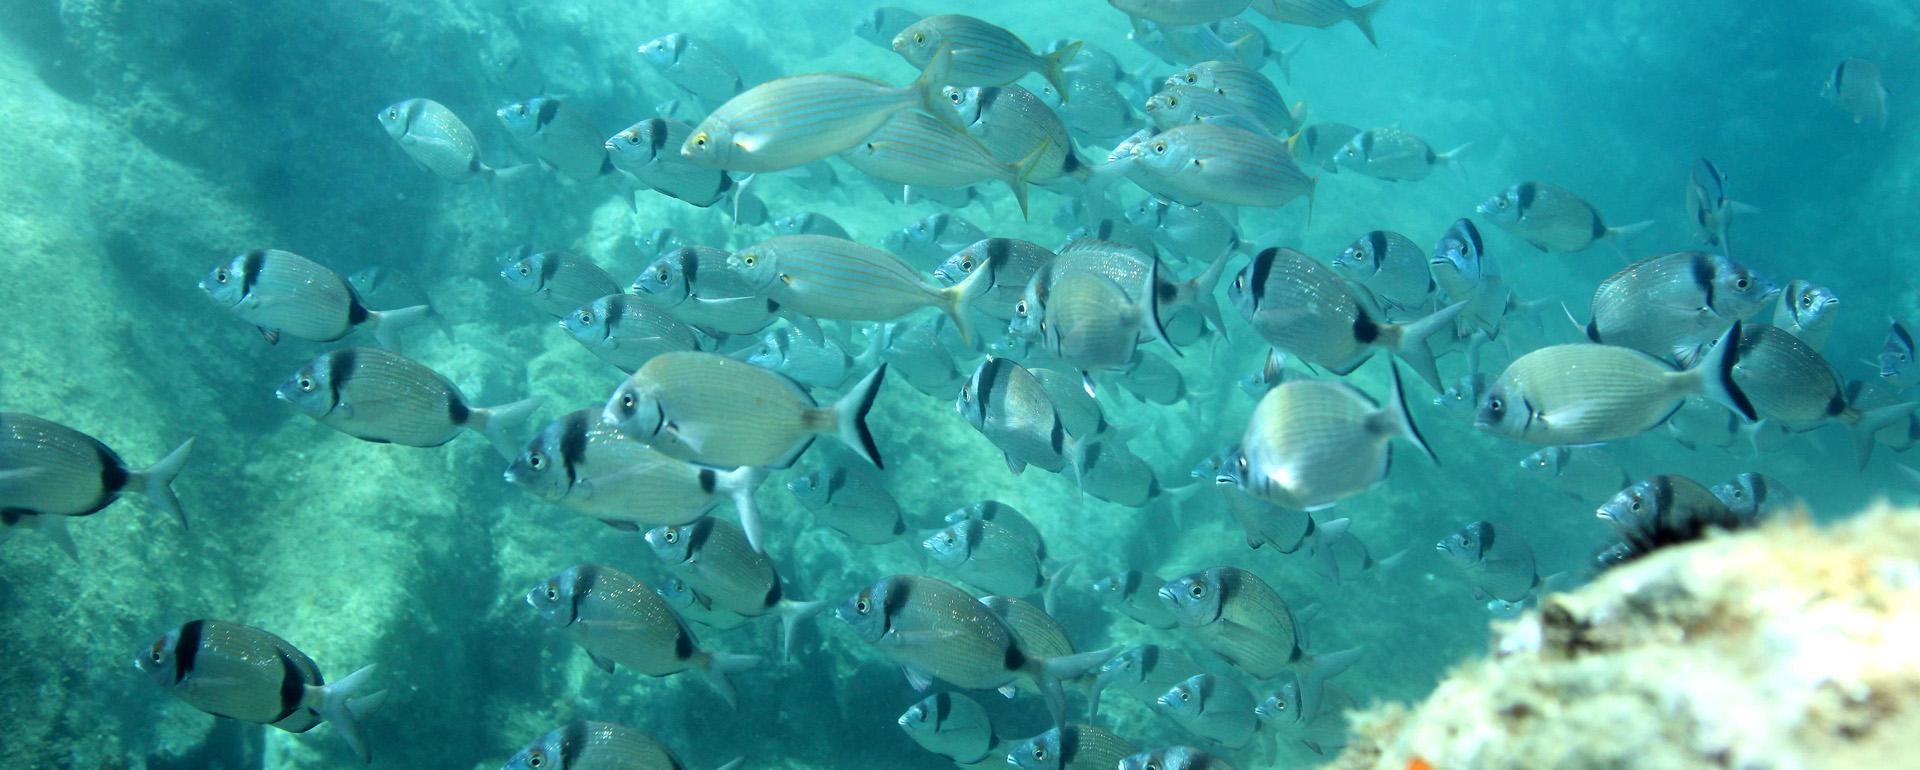 Réserve marine de Cerbère-Banyuls